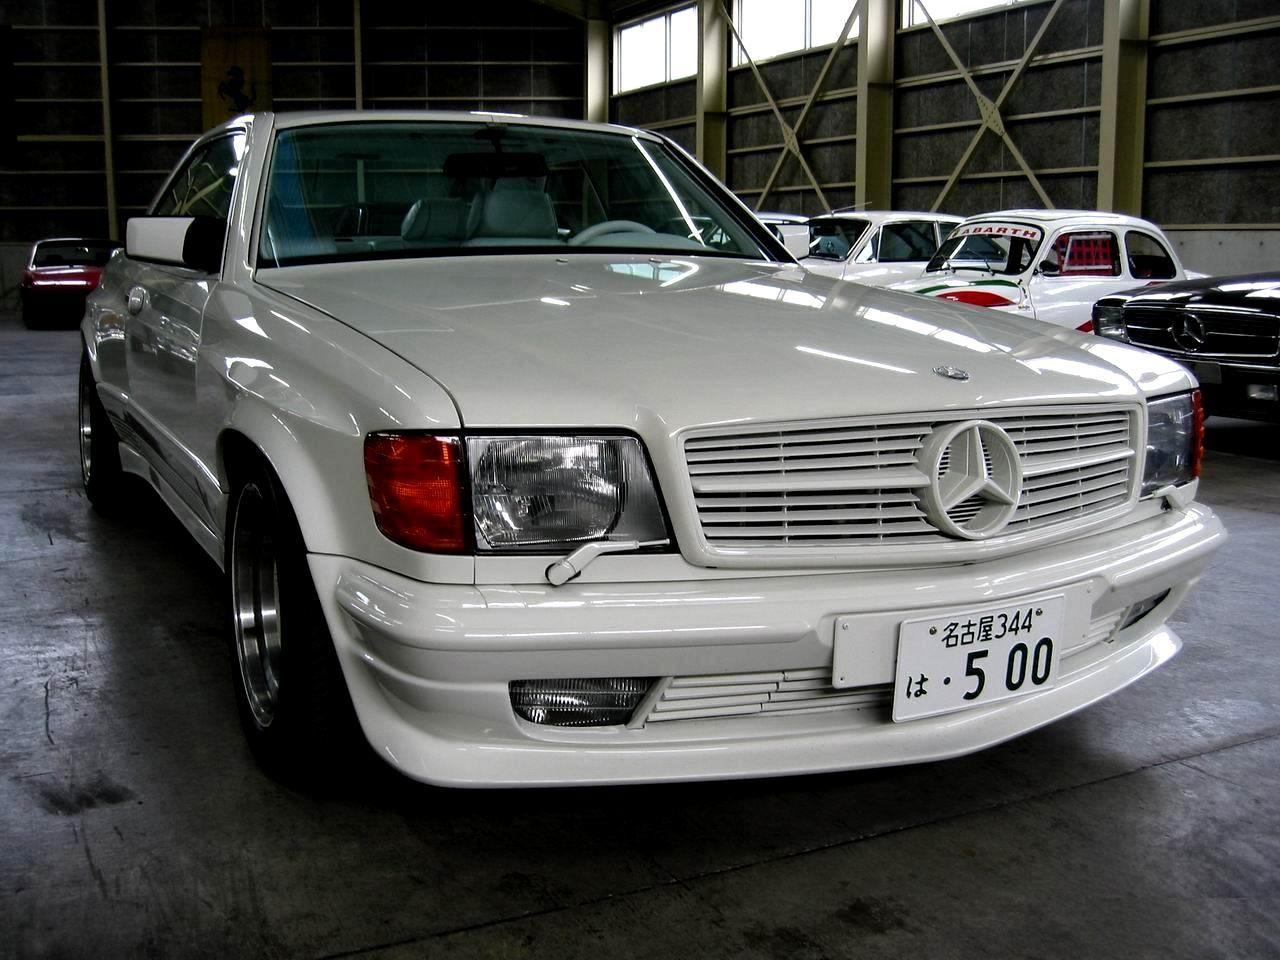 Mercedes-Benz W126 560 SEC AMG 6.0 DOHC